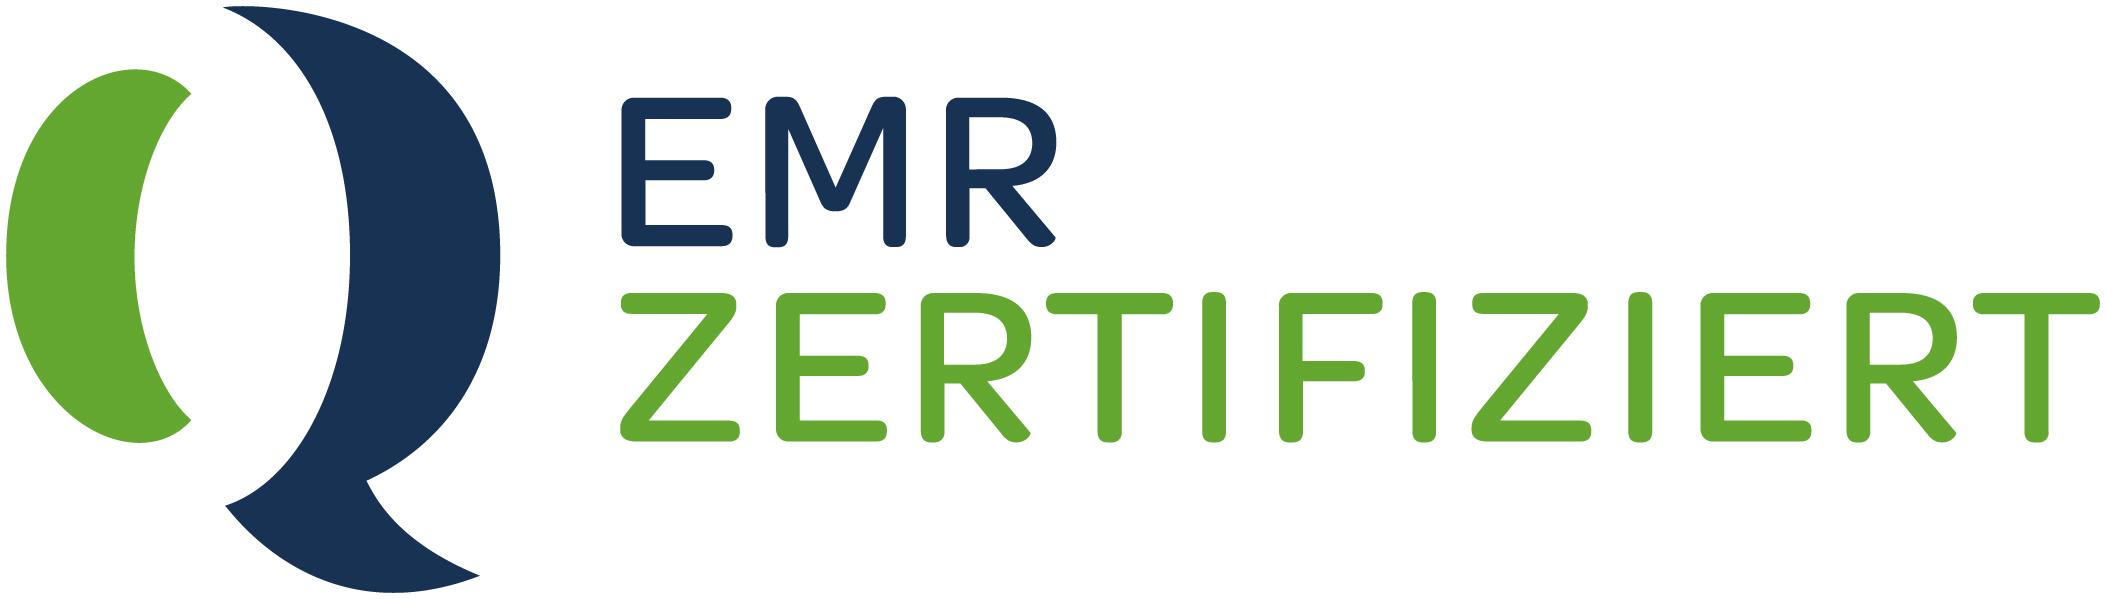 EMR_Logo_de_Zertifiziert.jpg